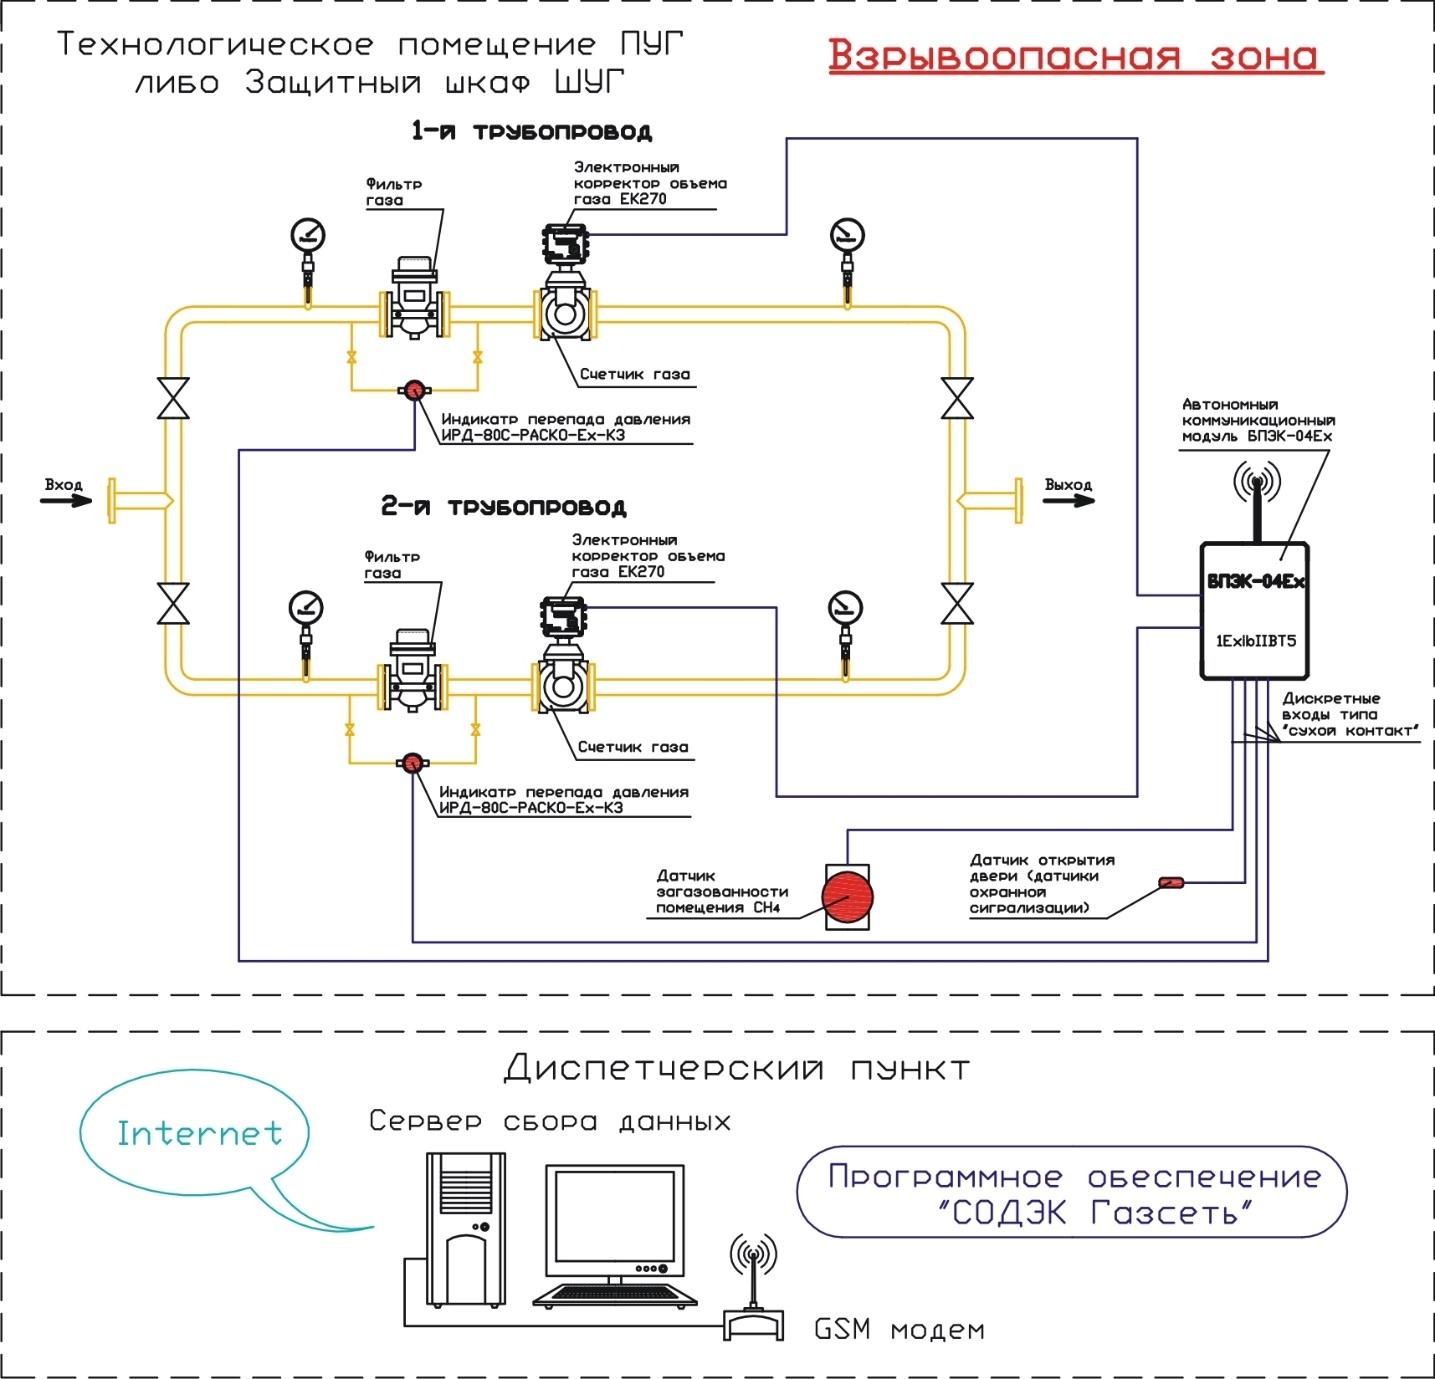 вк-g40 схема подключения к корректору